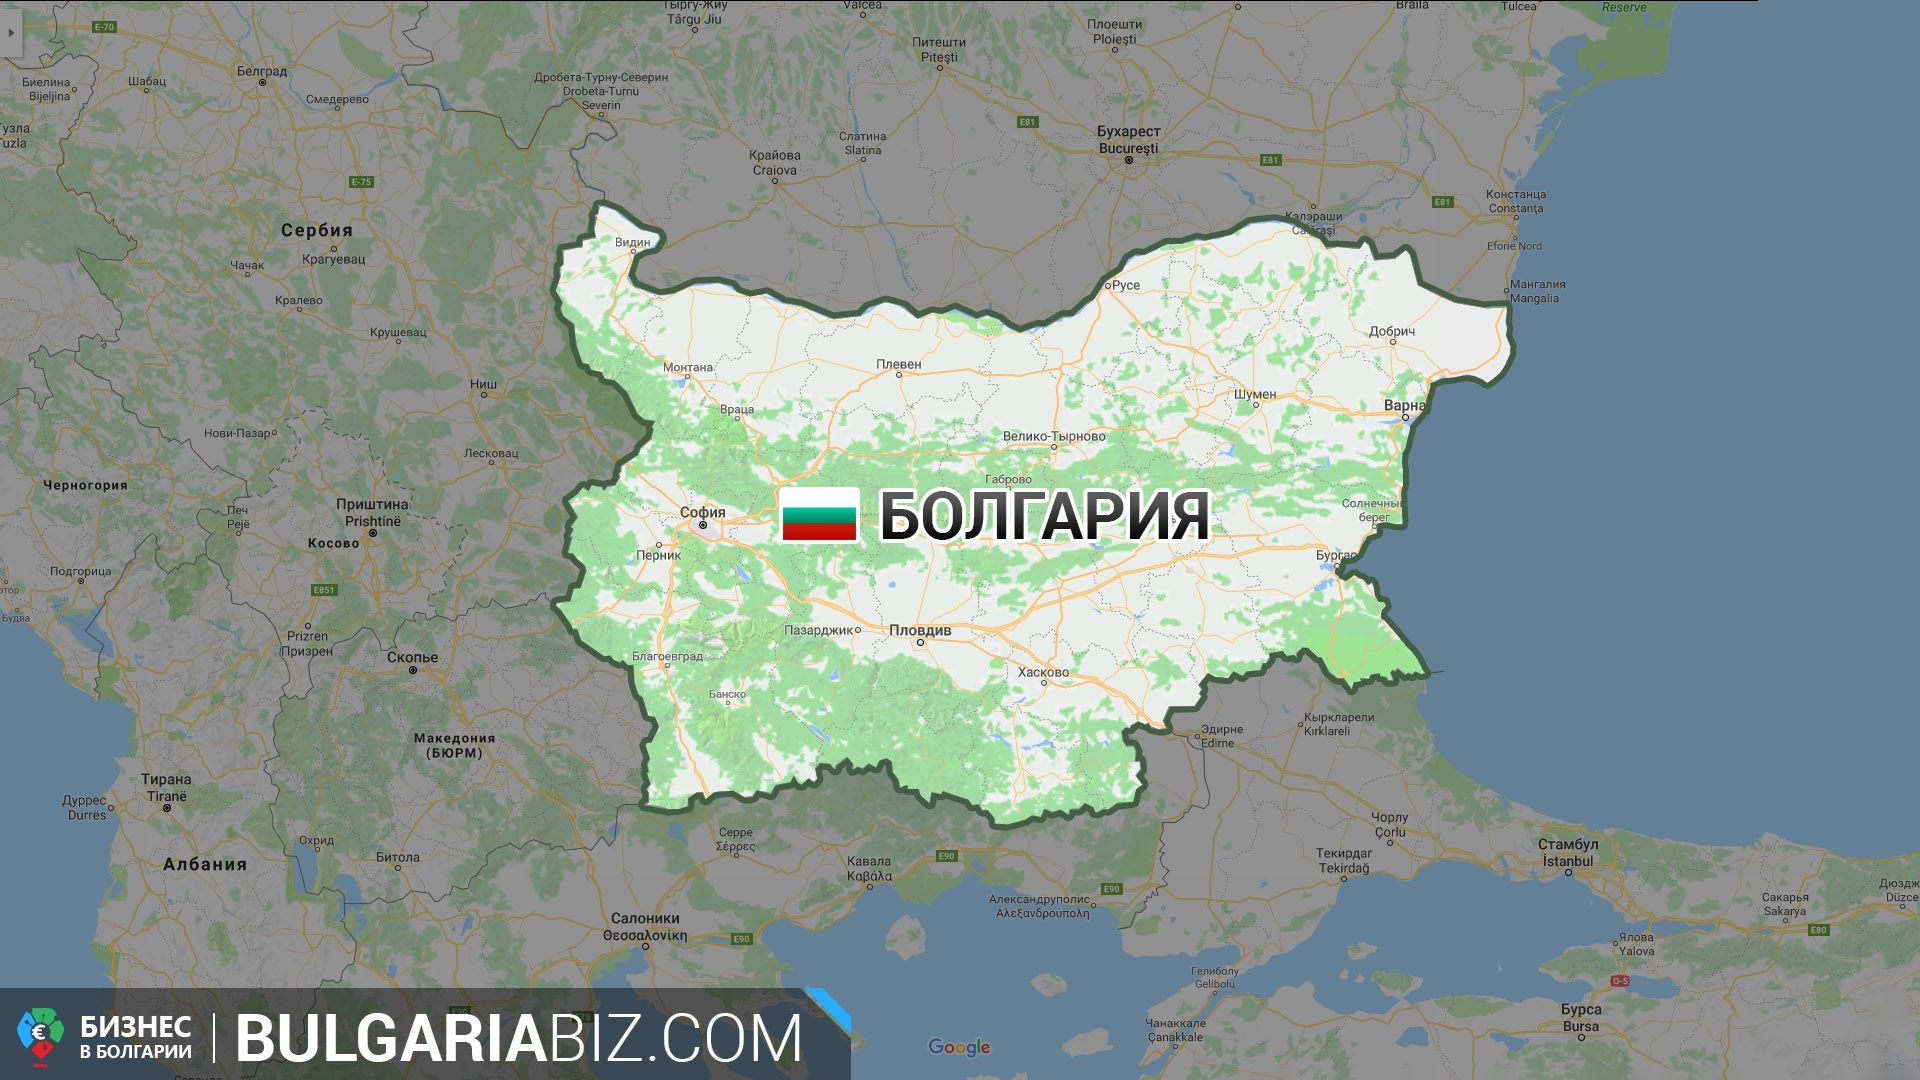 О Болгарии в целом